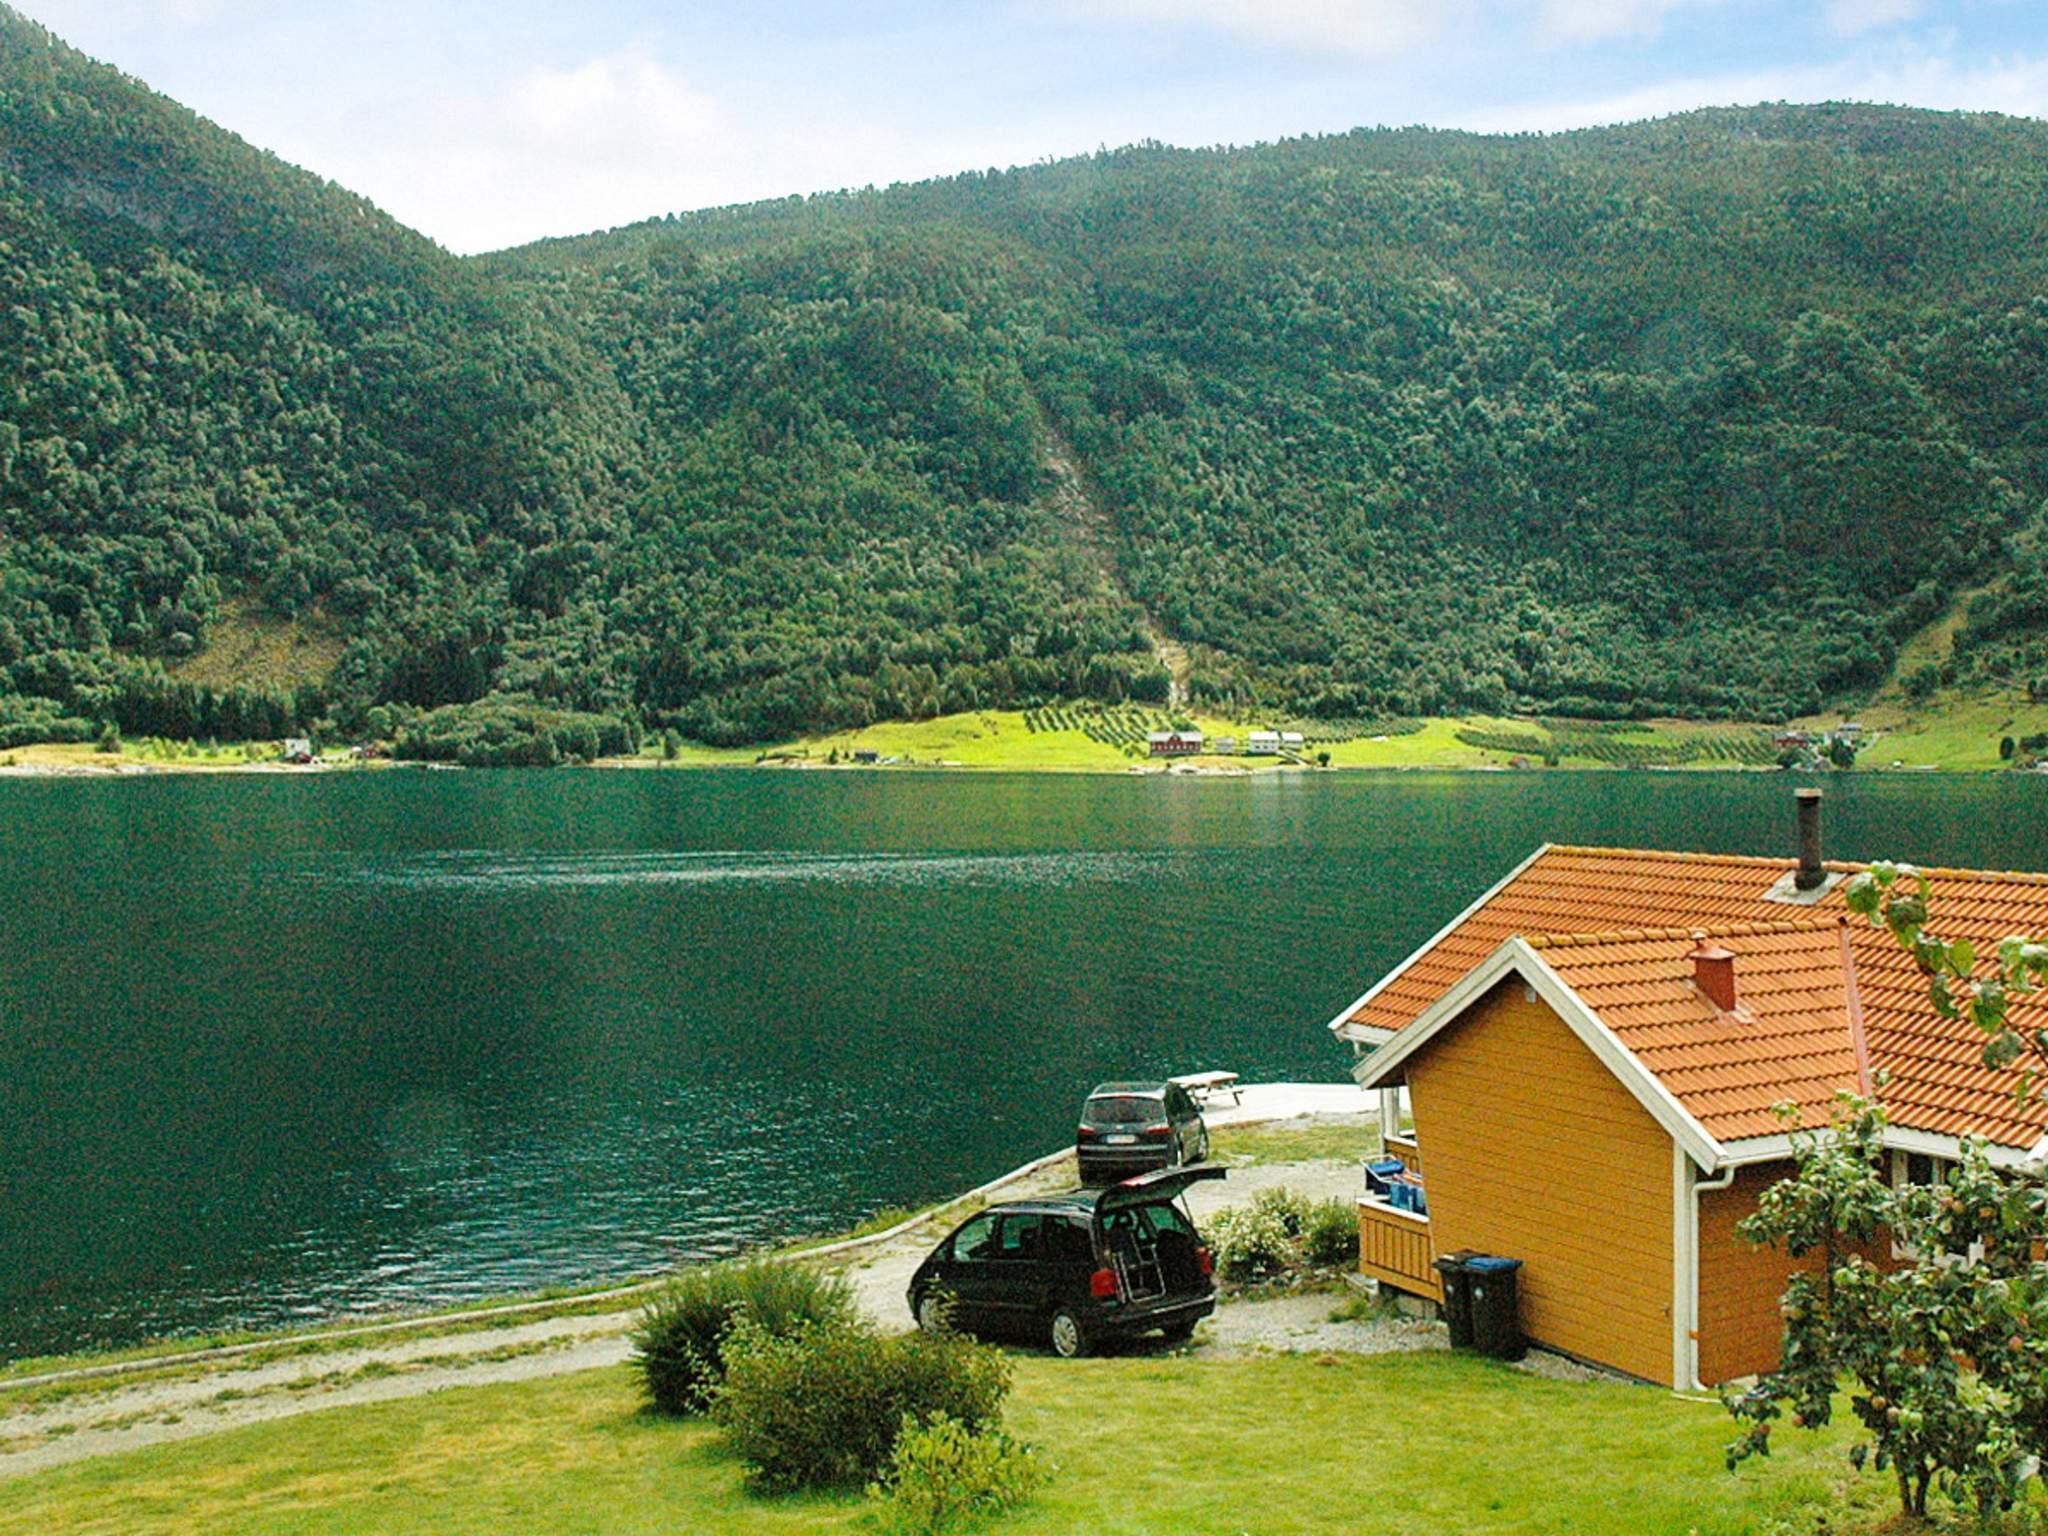 Ferienhaus Slinde (82396), Slinde, Sognefjord - Nordfjord, Westnorwegen, Norwegen, Bild 19